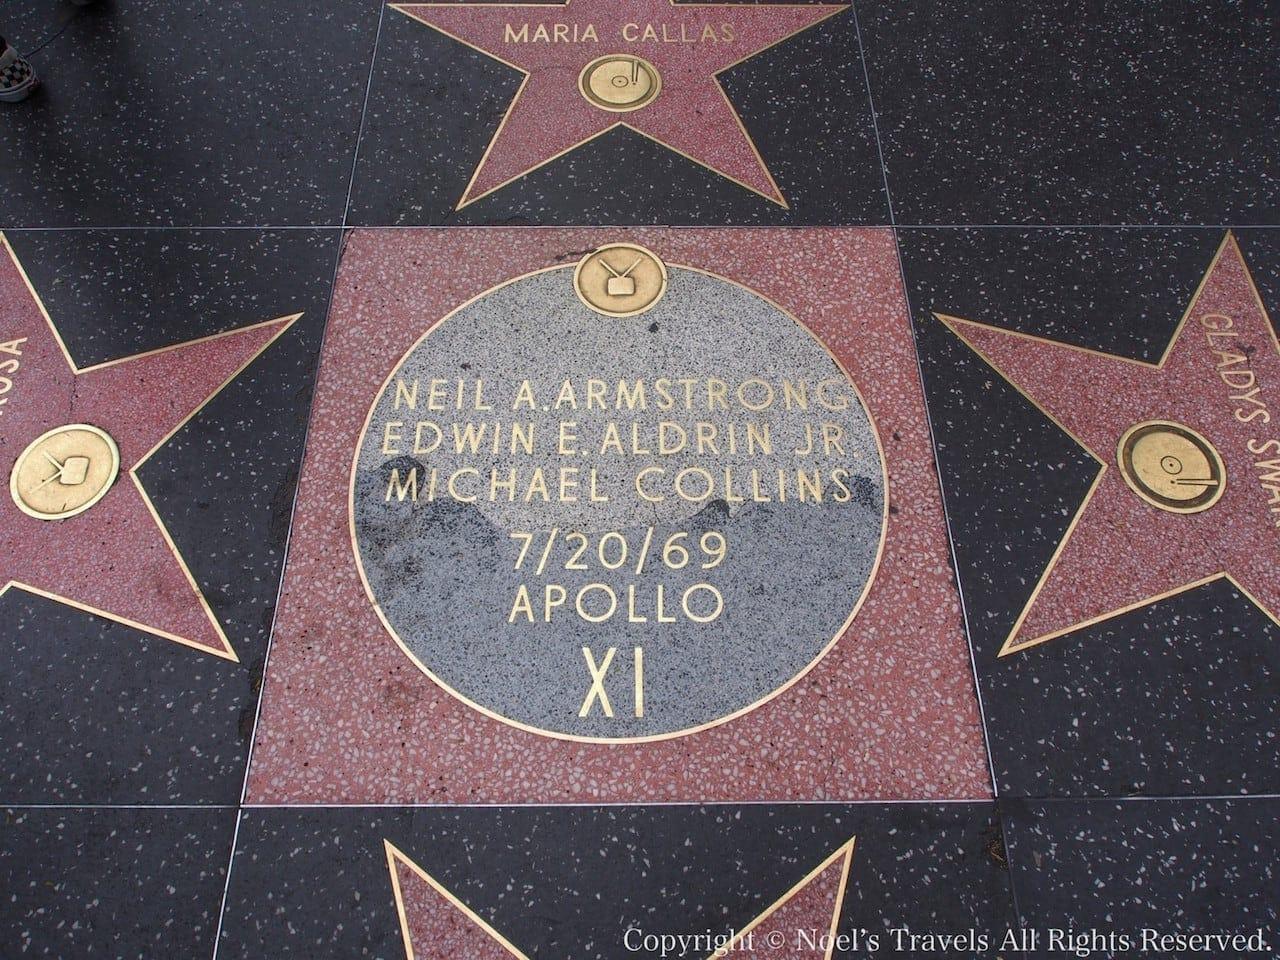 ウォーク・オブ・フェイム アポロ11号